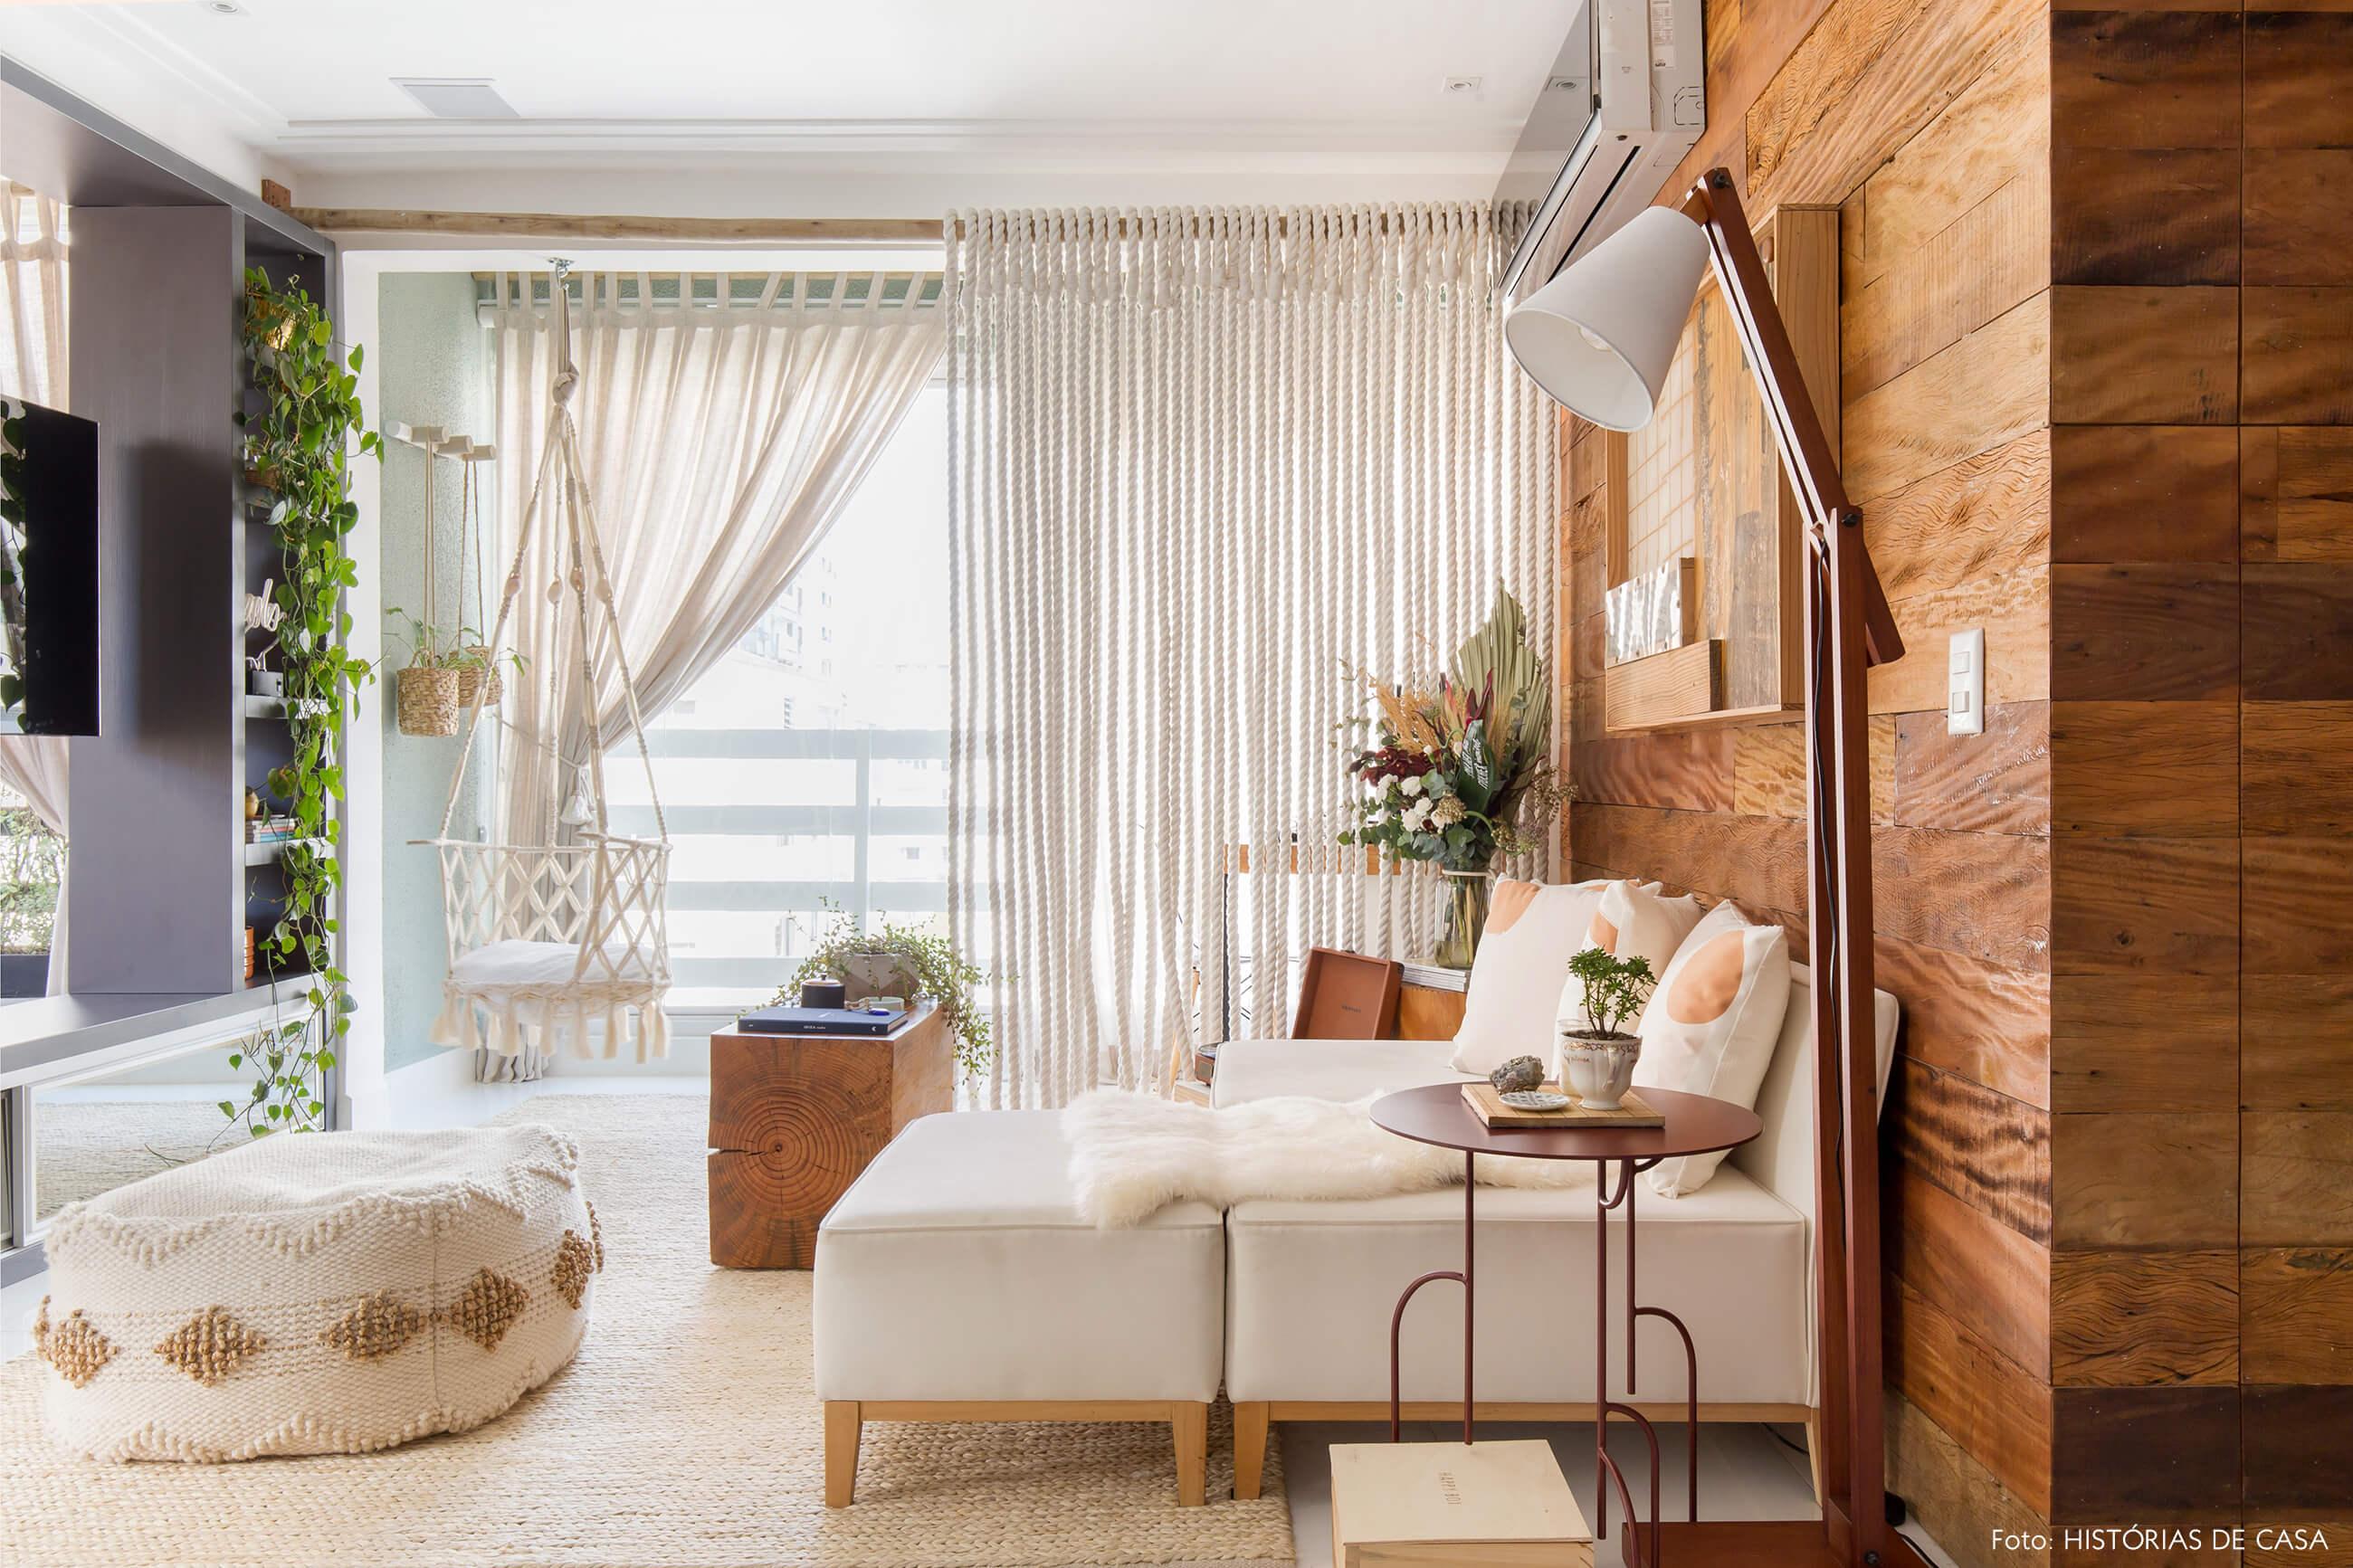 sala-parede-e-mveis-madeira-e-sofa-branco